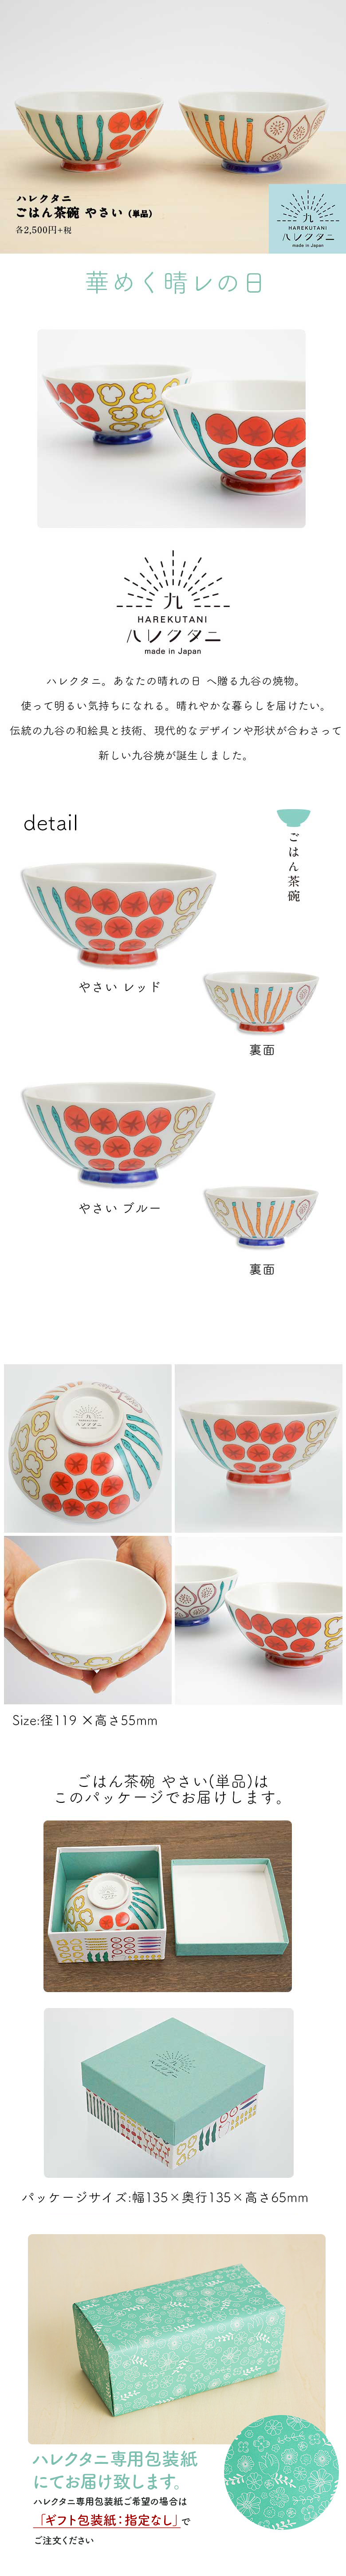 【九谷焼】ごはん茶碗 やさい/ハレクタニ